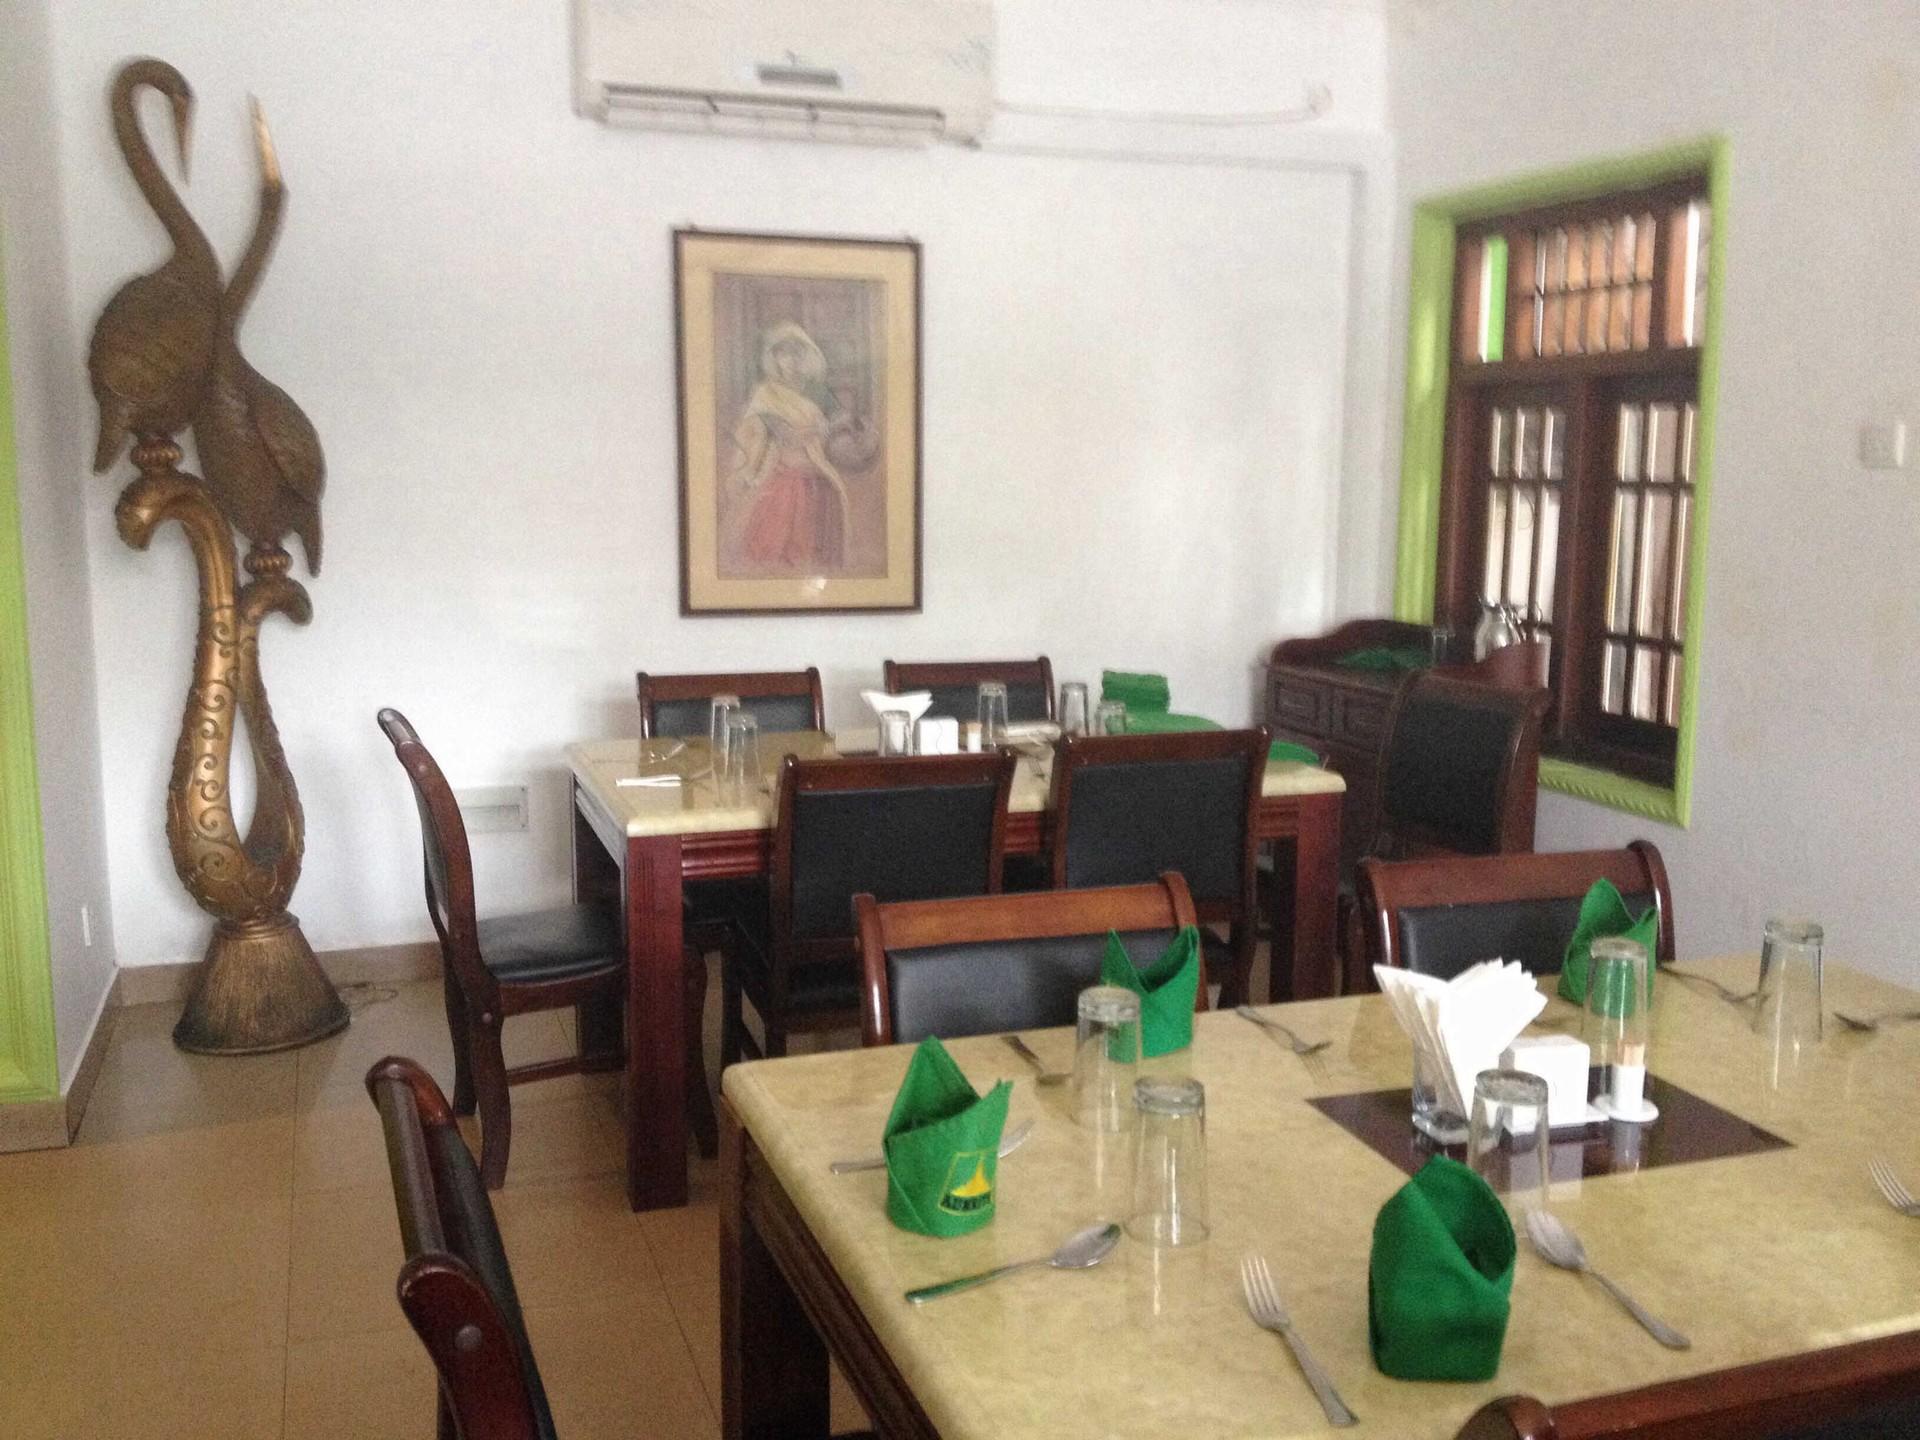 Doświadczenie w Kolombo, Sri Lanka według Pradeepy